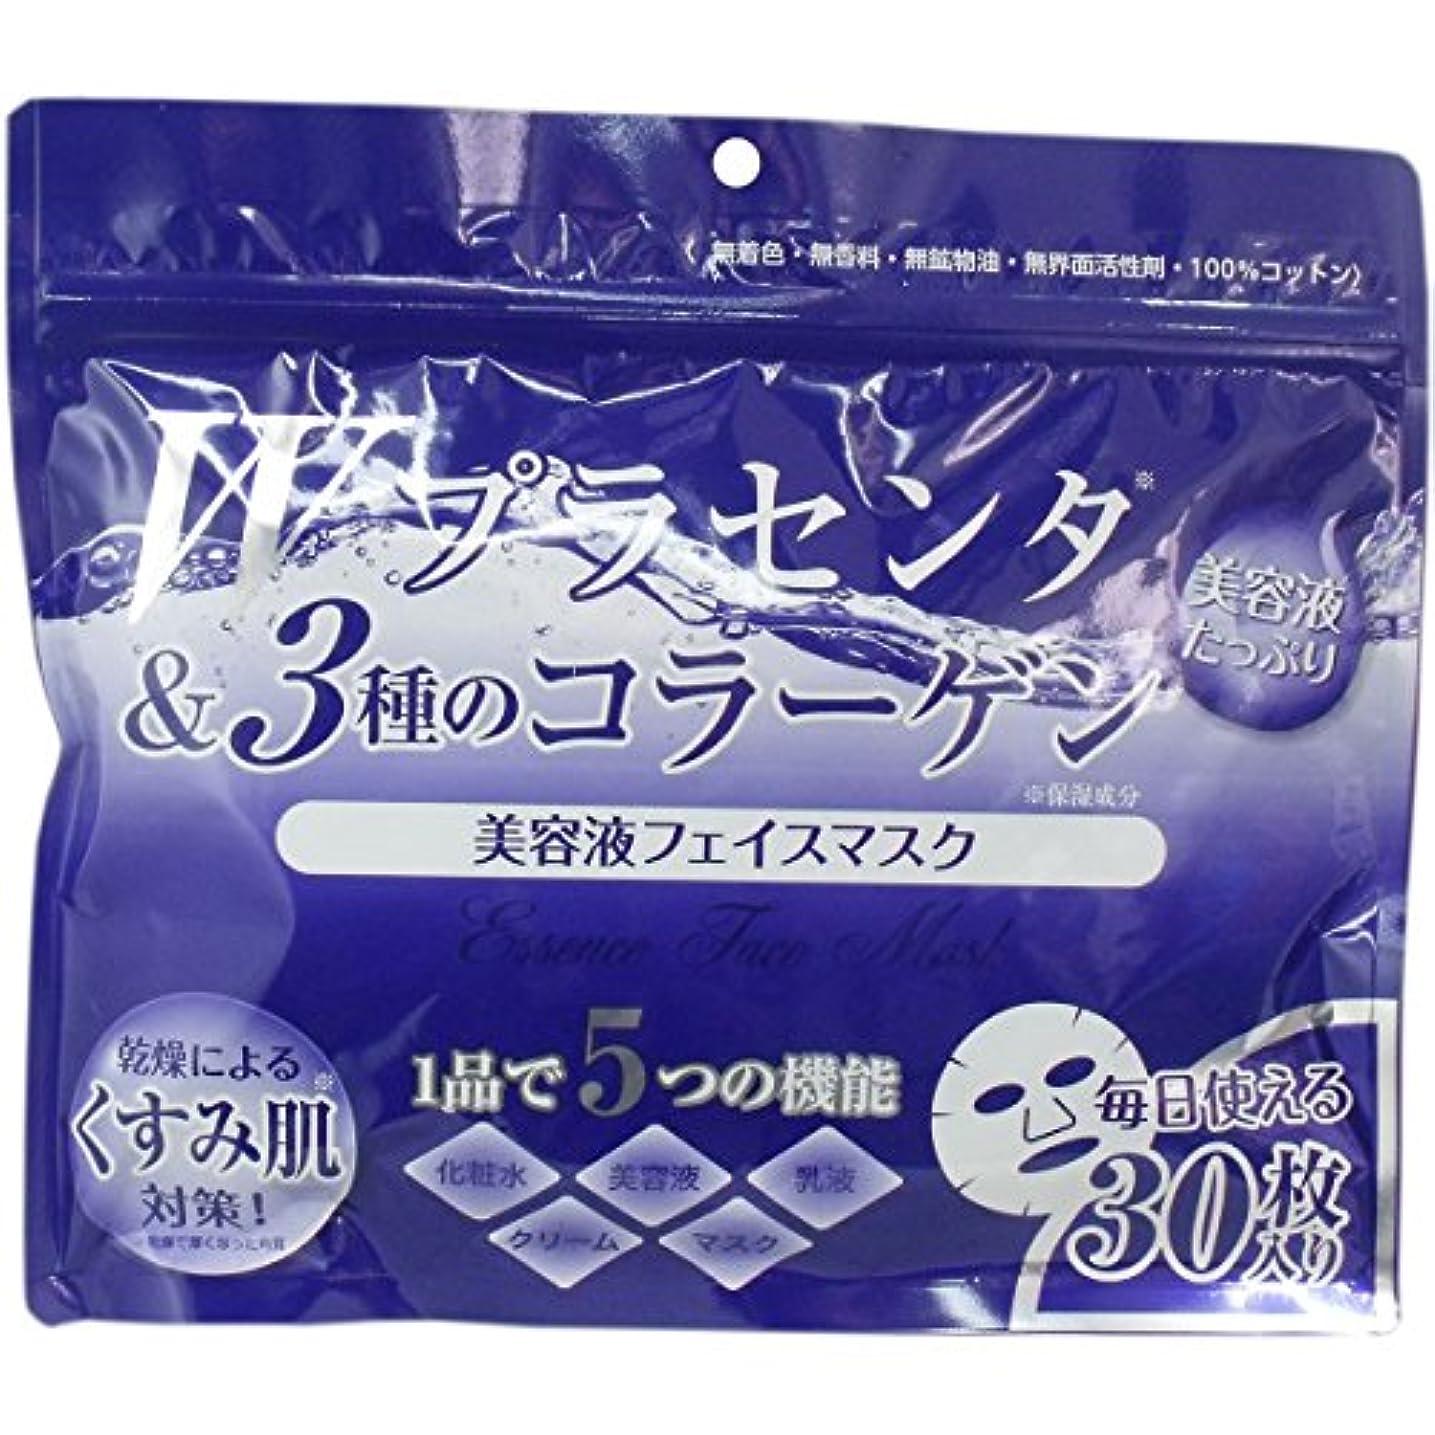 かりて信頼性通信網オールインワン 美容液フェイスマスク Wプラセンタ&3種のコラーゲン 30枚入